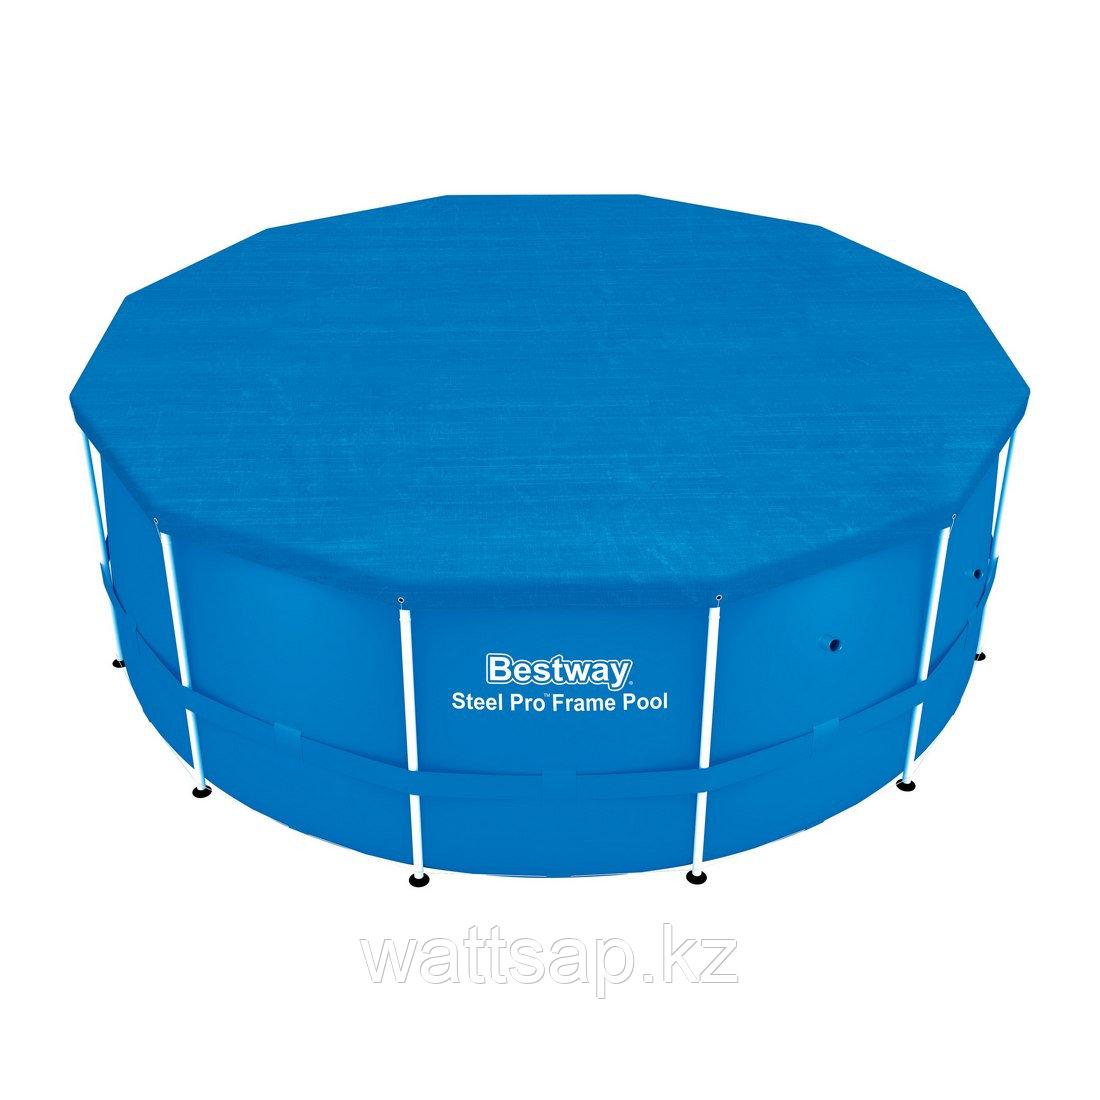 Тент для бассейна, BESTWAY, 58037, 366 см, Полиэтилен, Шнуры для крепления, Синий, Цветная коробка